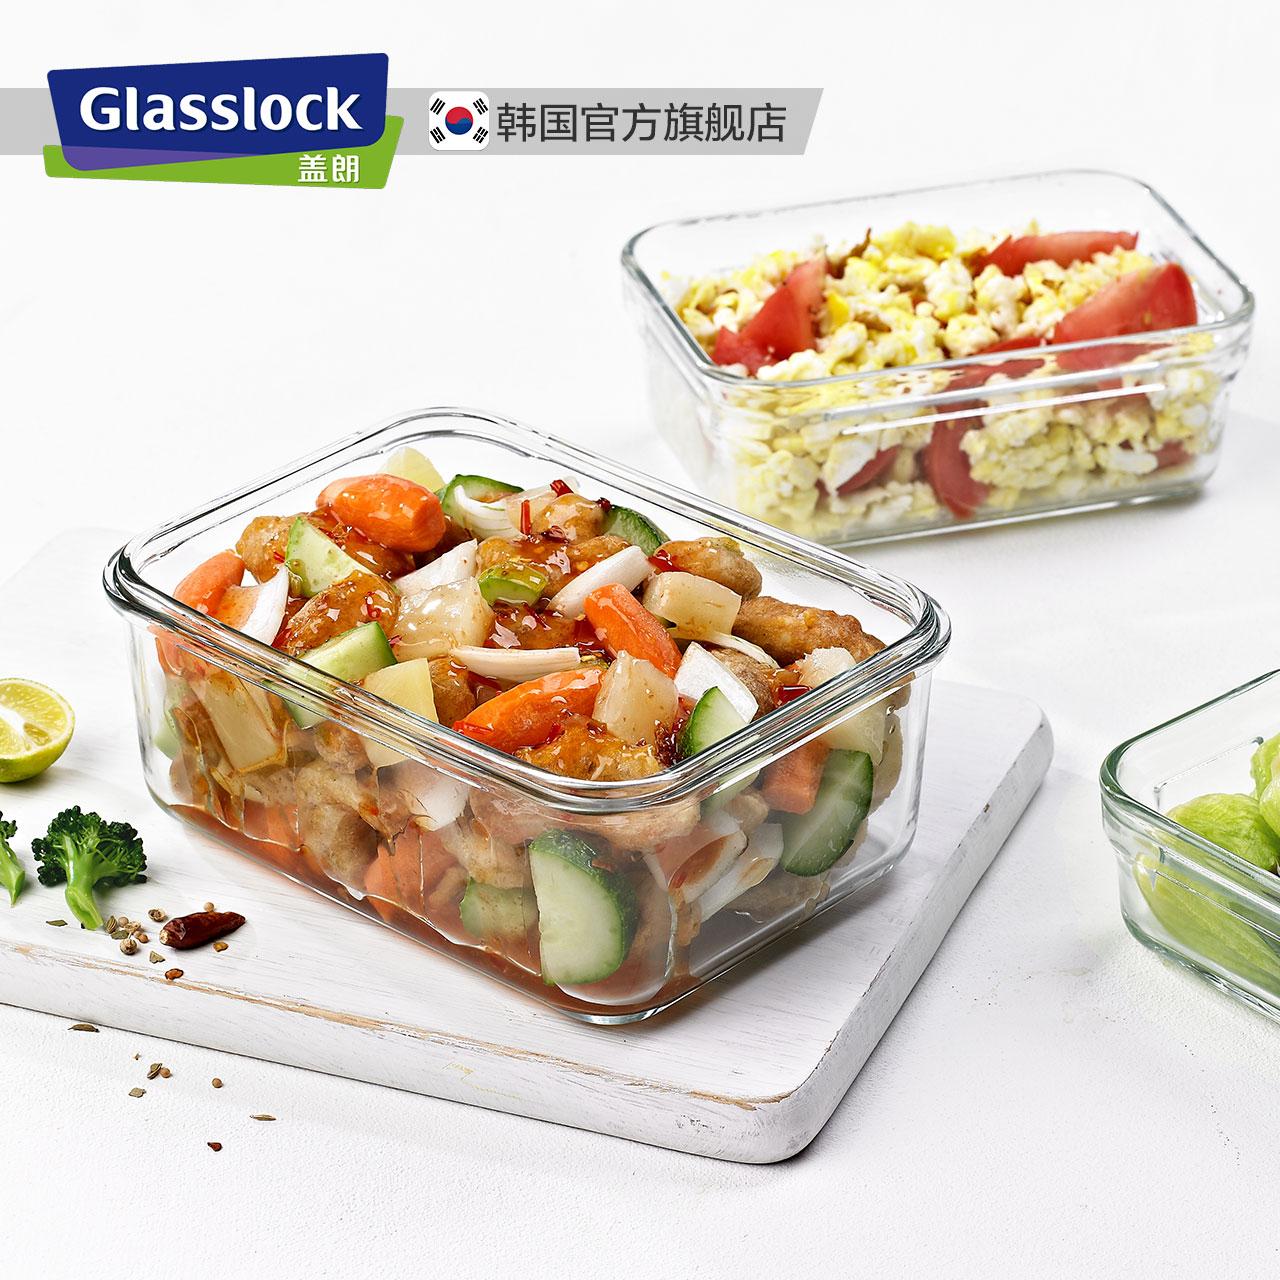 glasslock進口便當盒長方形耐熱玻璃飯盒微波爐保鮮盒帶蓋玻璃碗